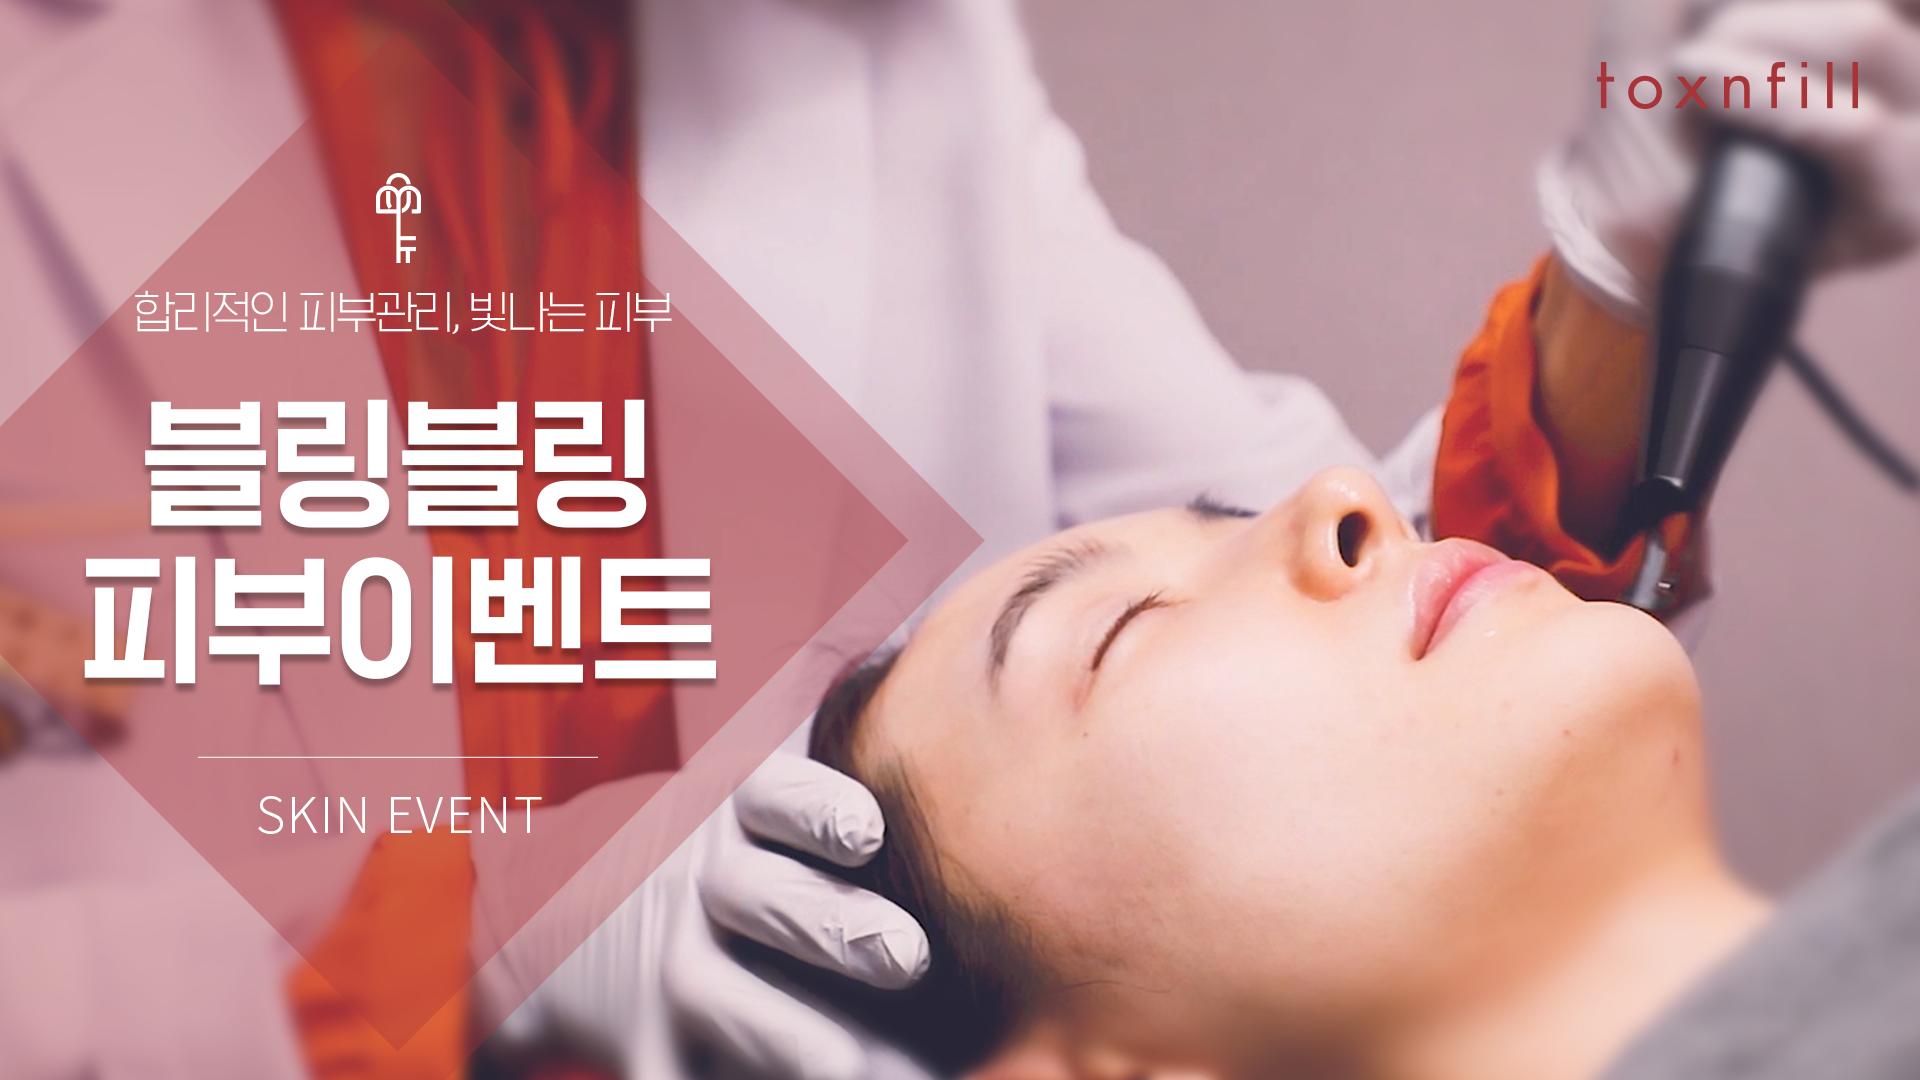 [평일 EVENT] 피부관리